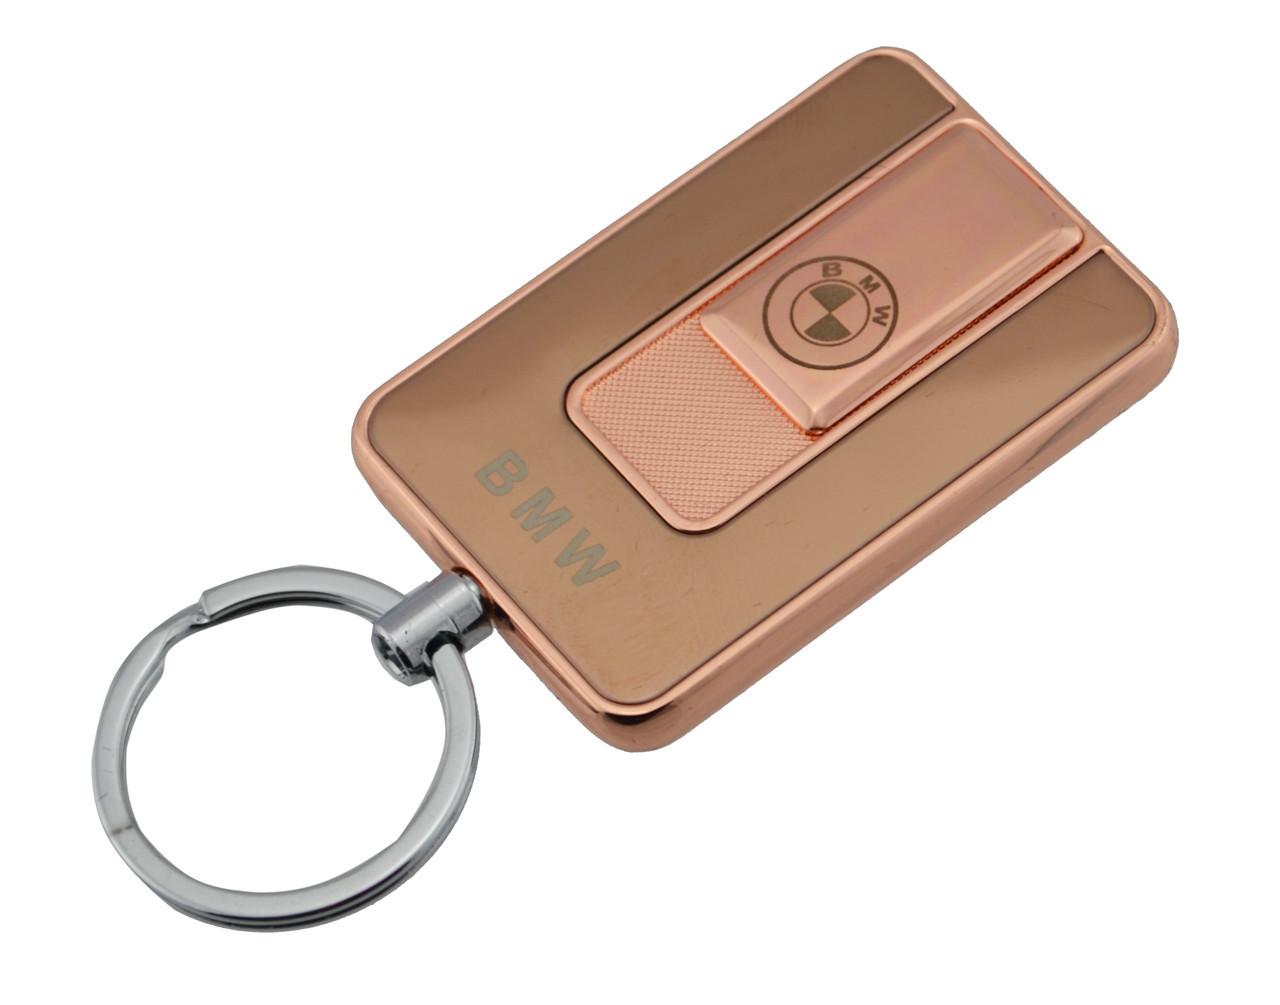 Електроімпульсна запальничка USB 811 BMW блакитного і золотистого кольору в комплекті шнур для зарядки ЮСБ запальничка